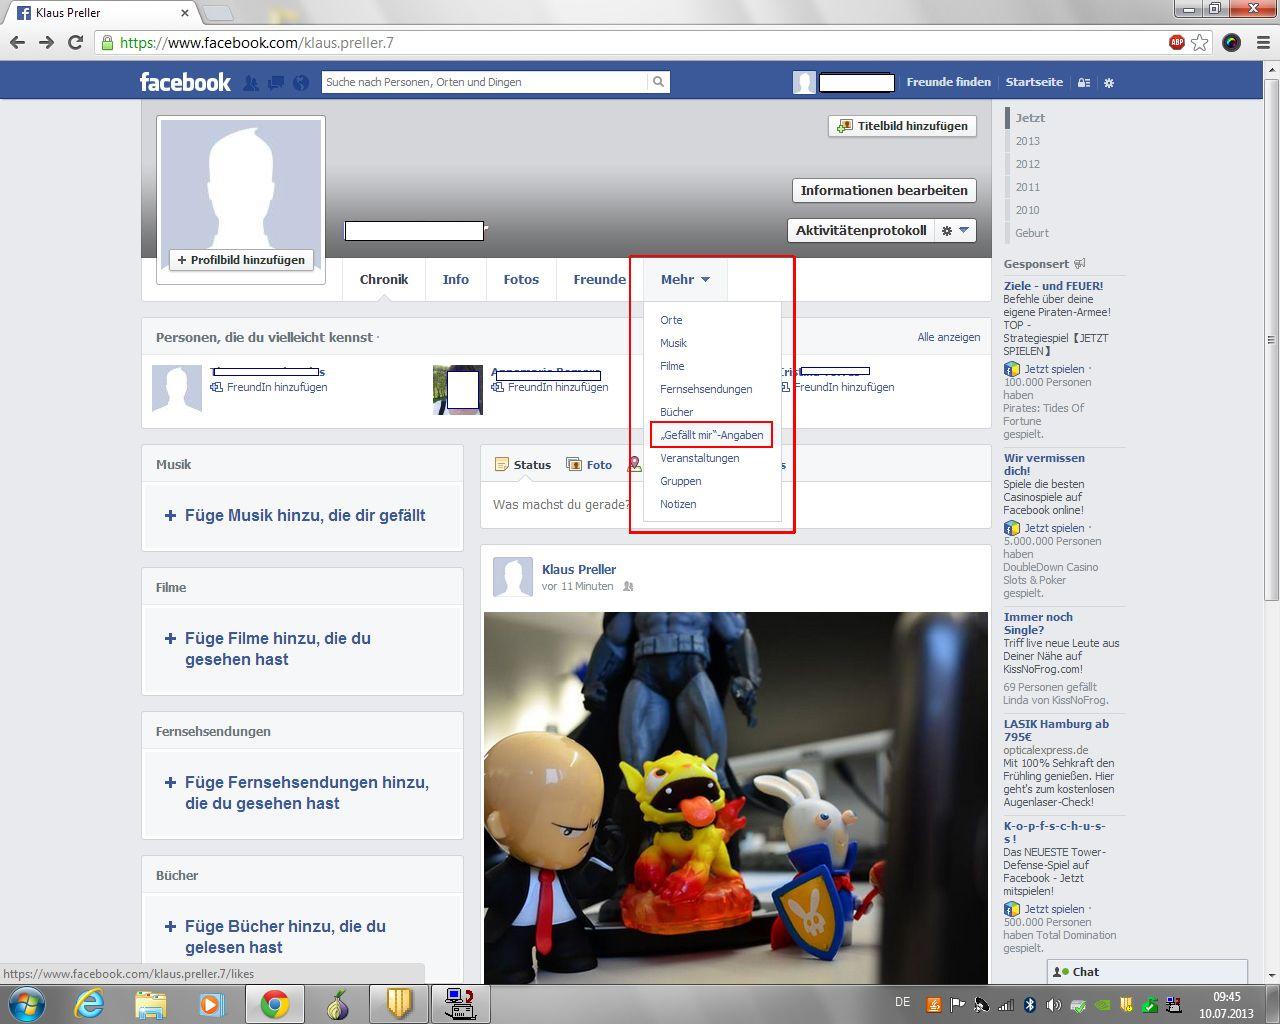 SCREENSHOT 04 Facebook/ Gefälltmirprofil